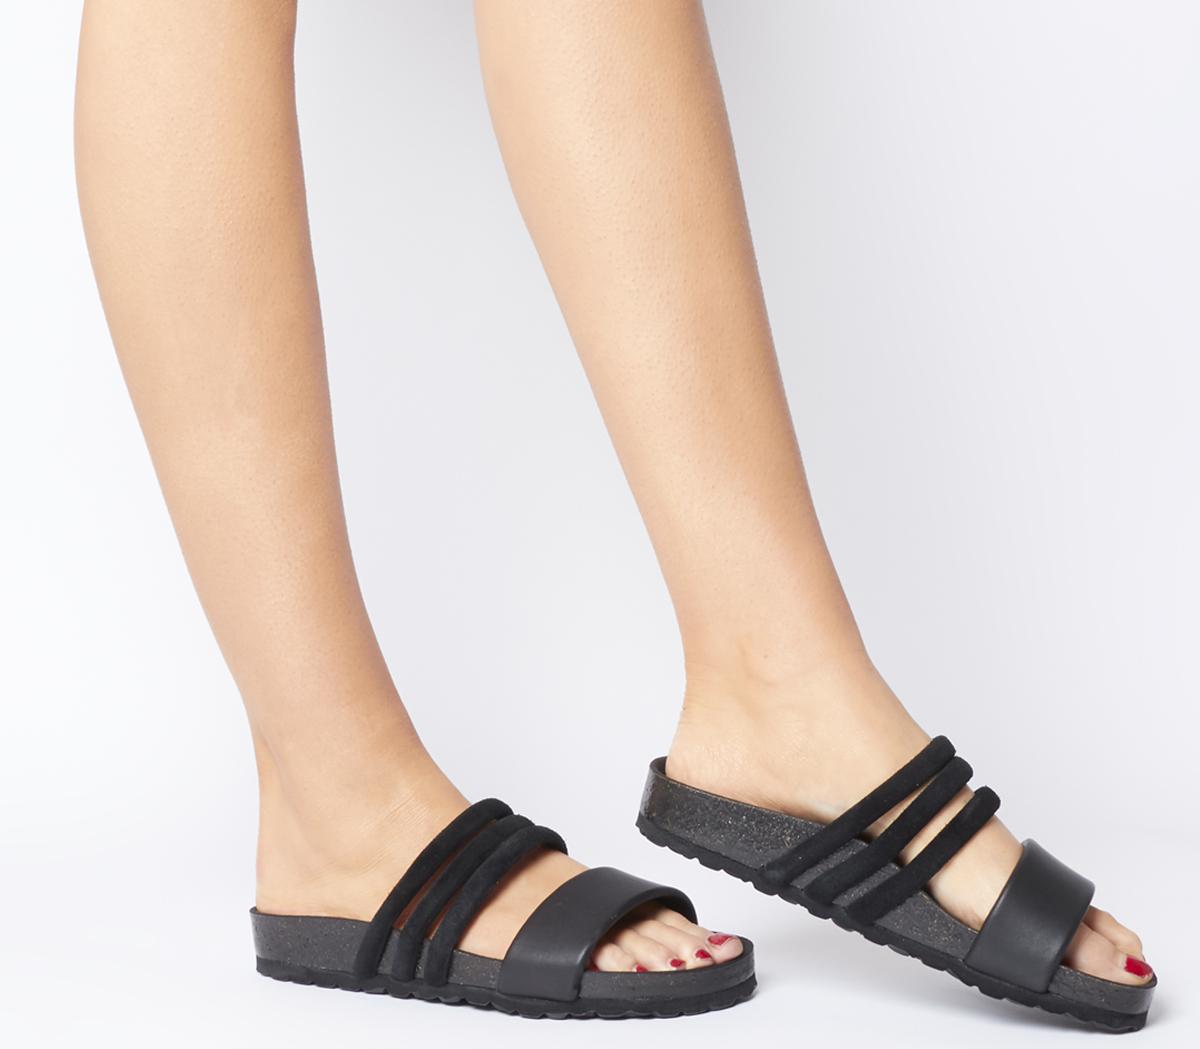 Cara Puff Sandals